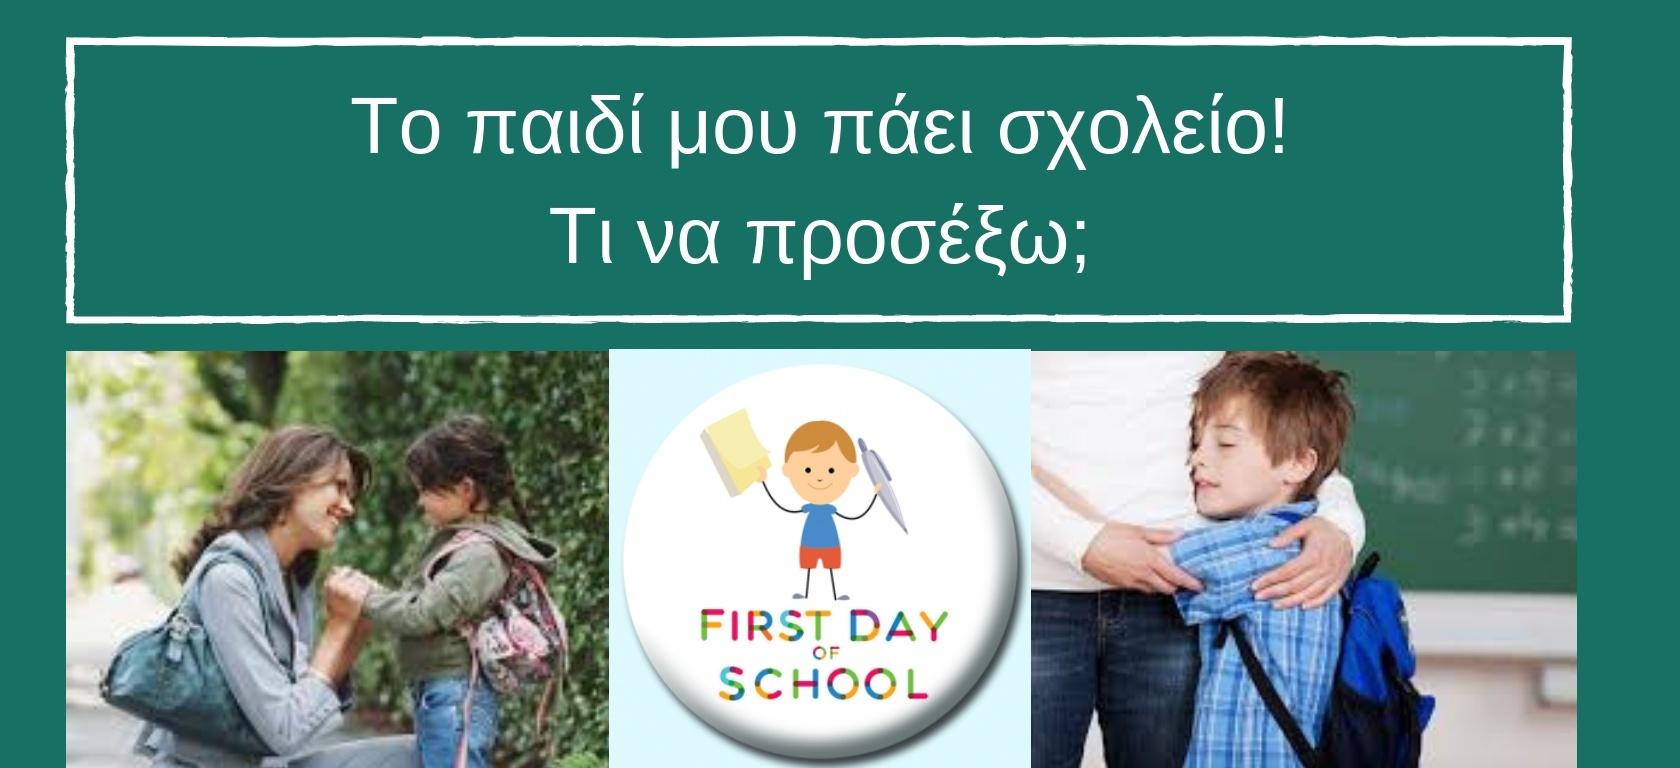 πρώτη μέρα σχολείο, πρώτη φορά σχολείο, πρωτάκι